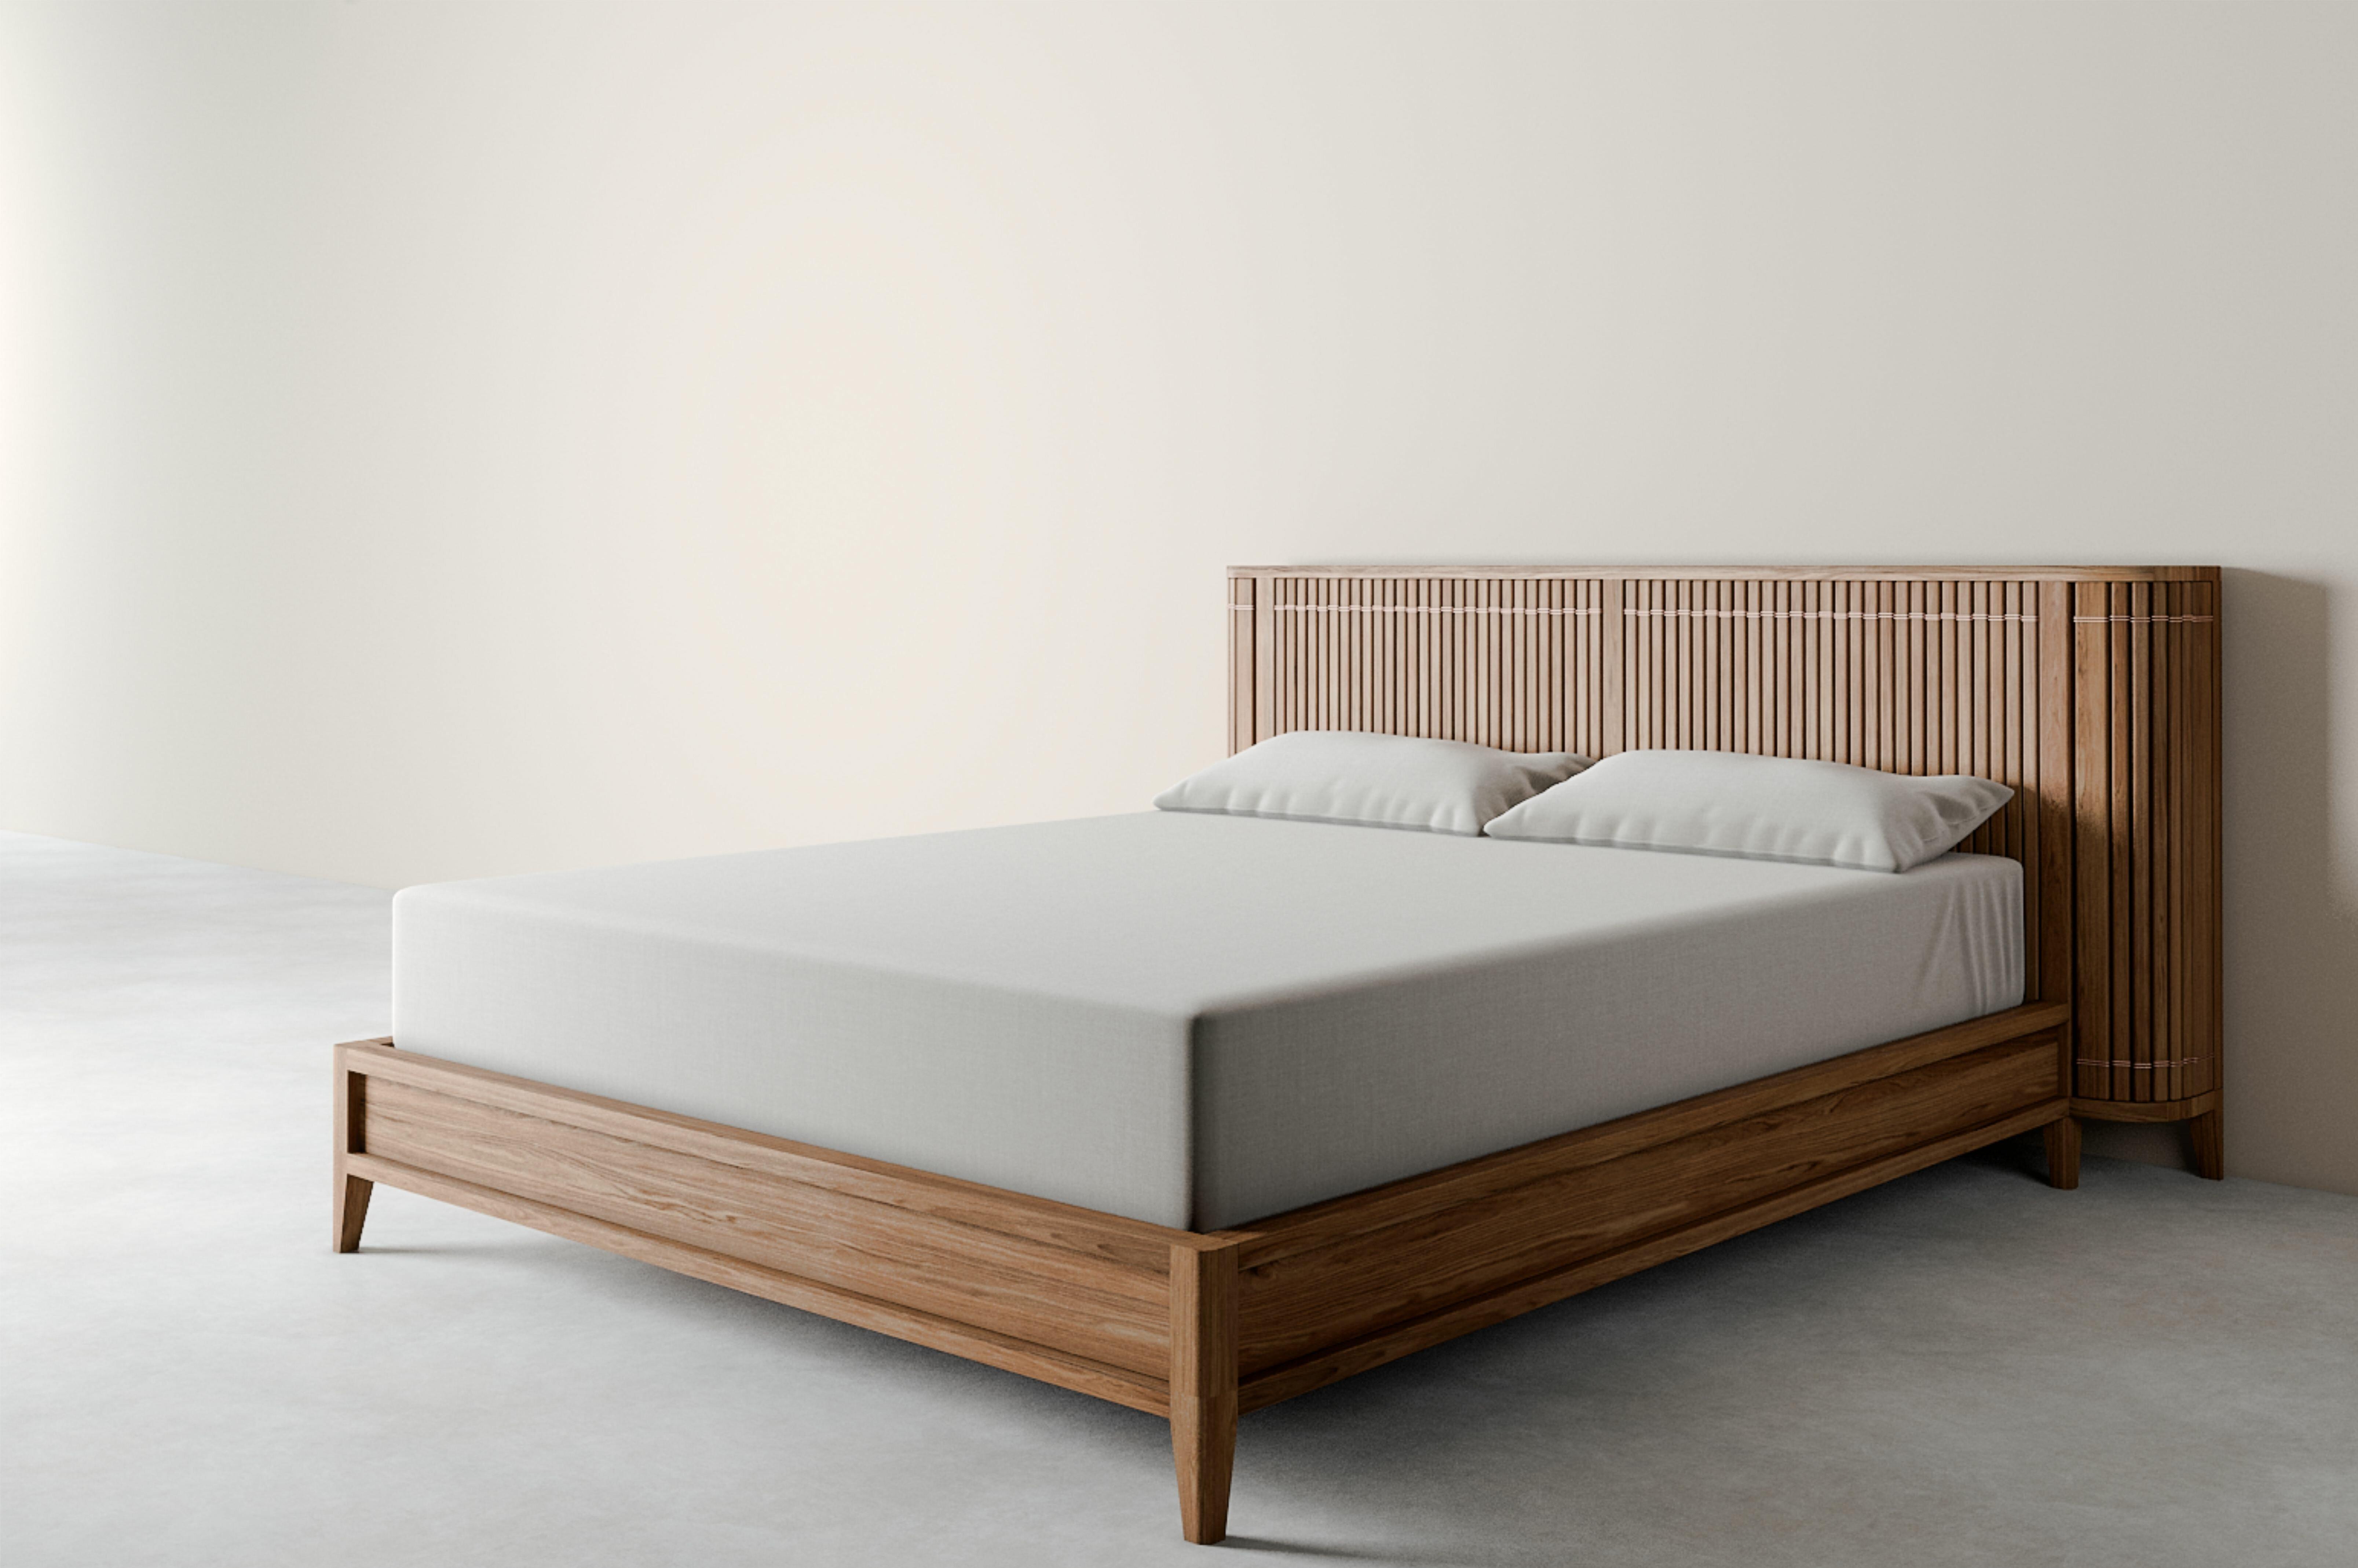 Karpenter Koppar King Solid Wood Low Profile Storage Platform Bed